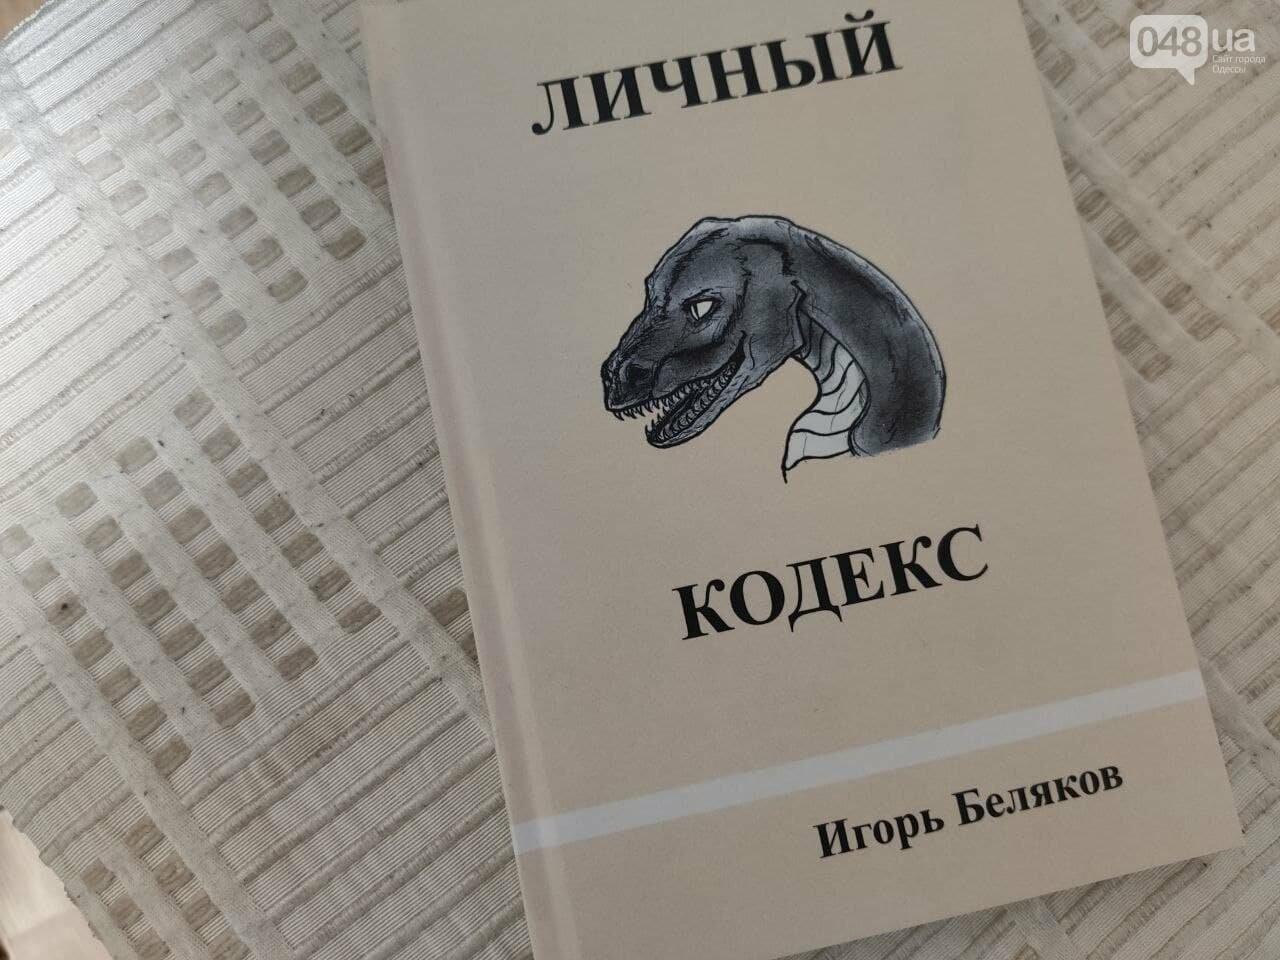 """""""У меня есть ощущение, что это я тигра родил"""": интервью с директором одесского зоопарка Игорем Беляковым, фото-2"""